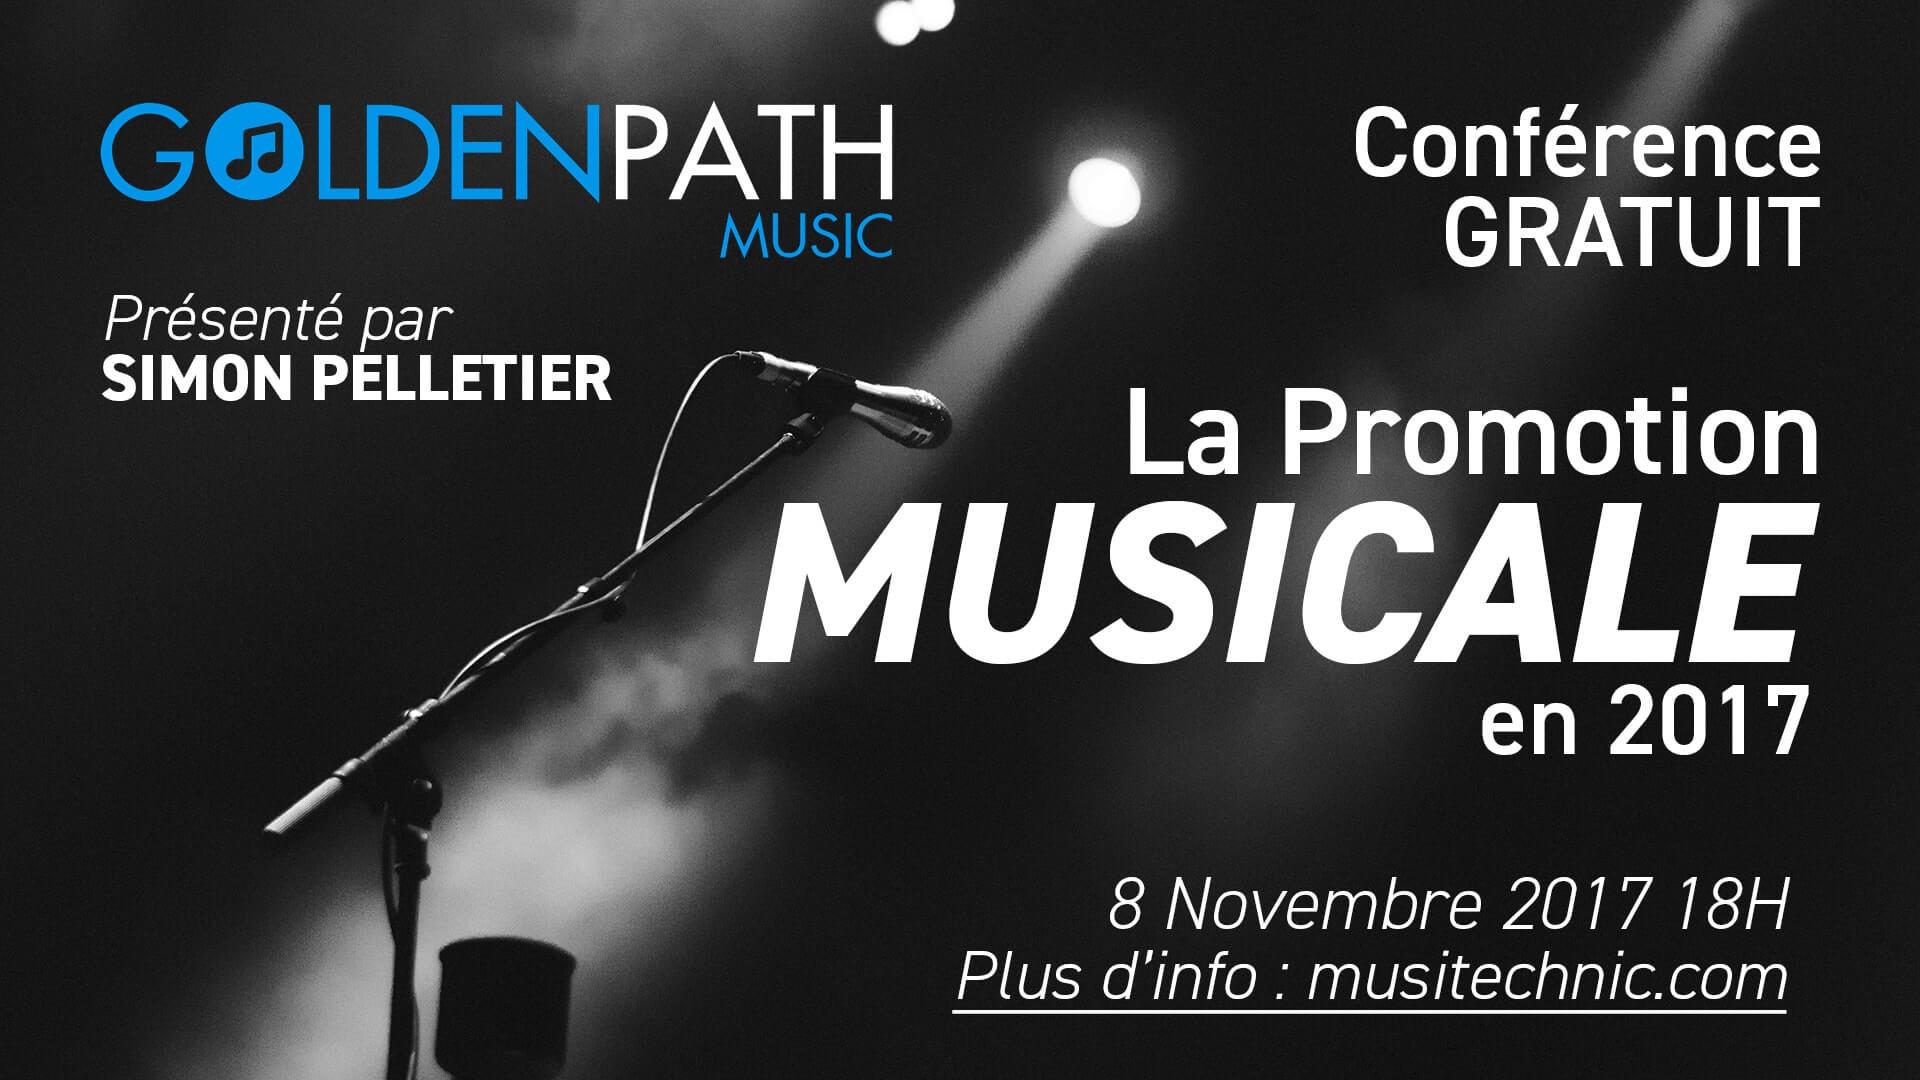 La Promotion Musicale en 2017 avec Simon Pelletier de Golden Path Music